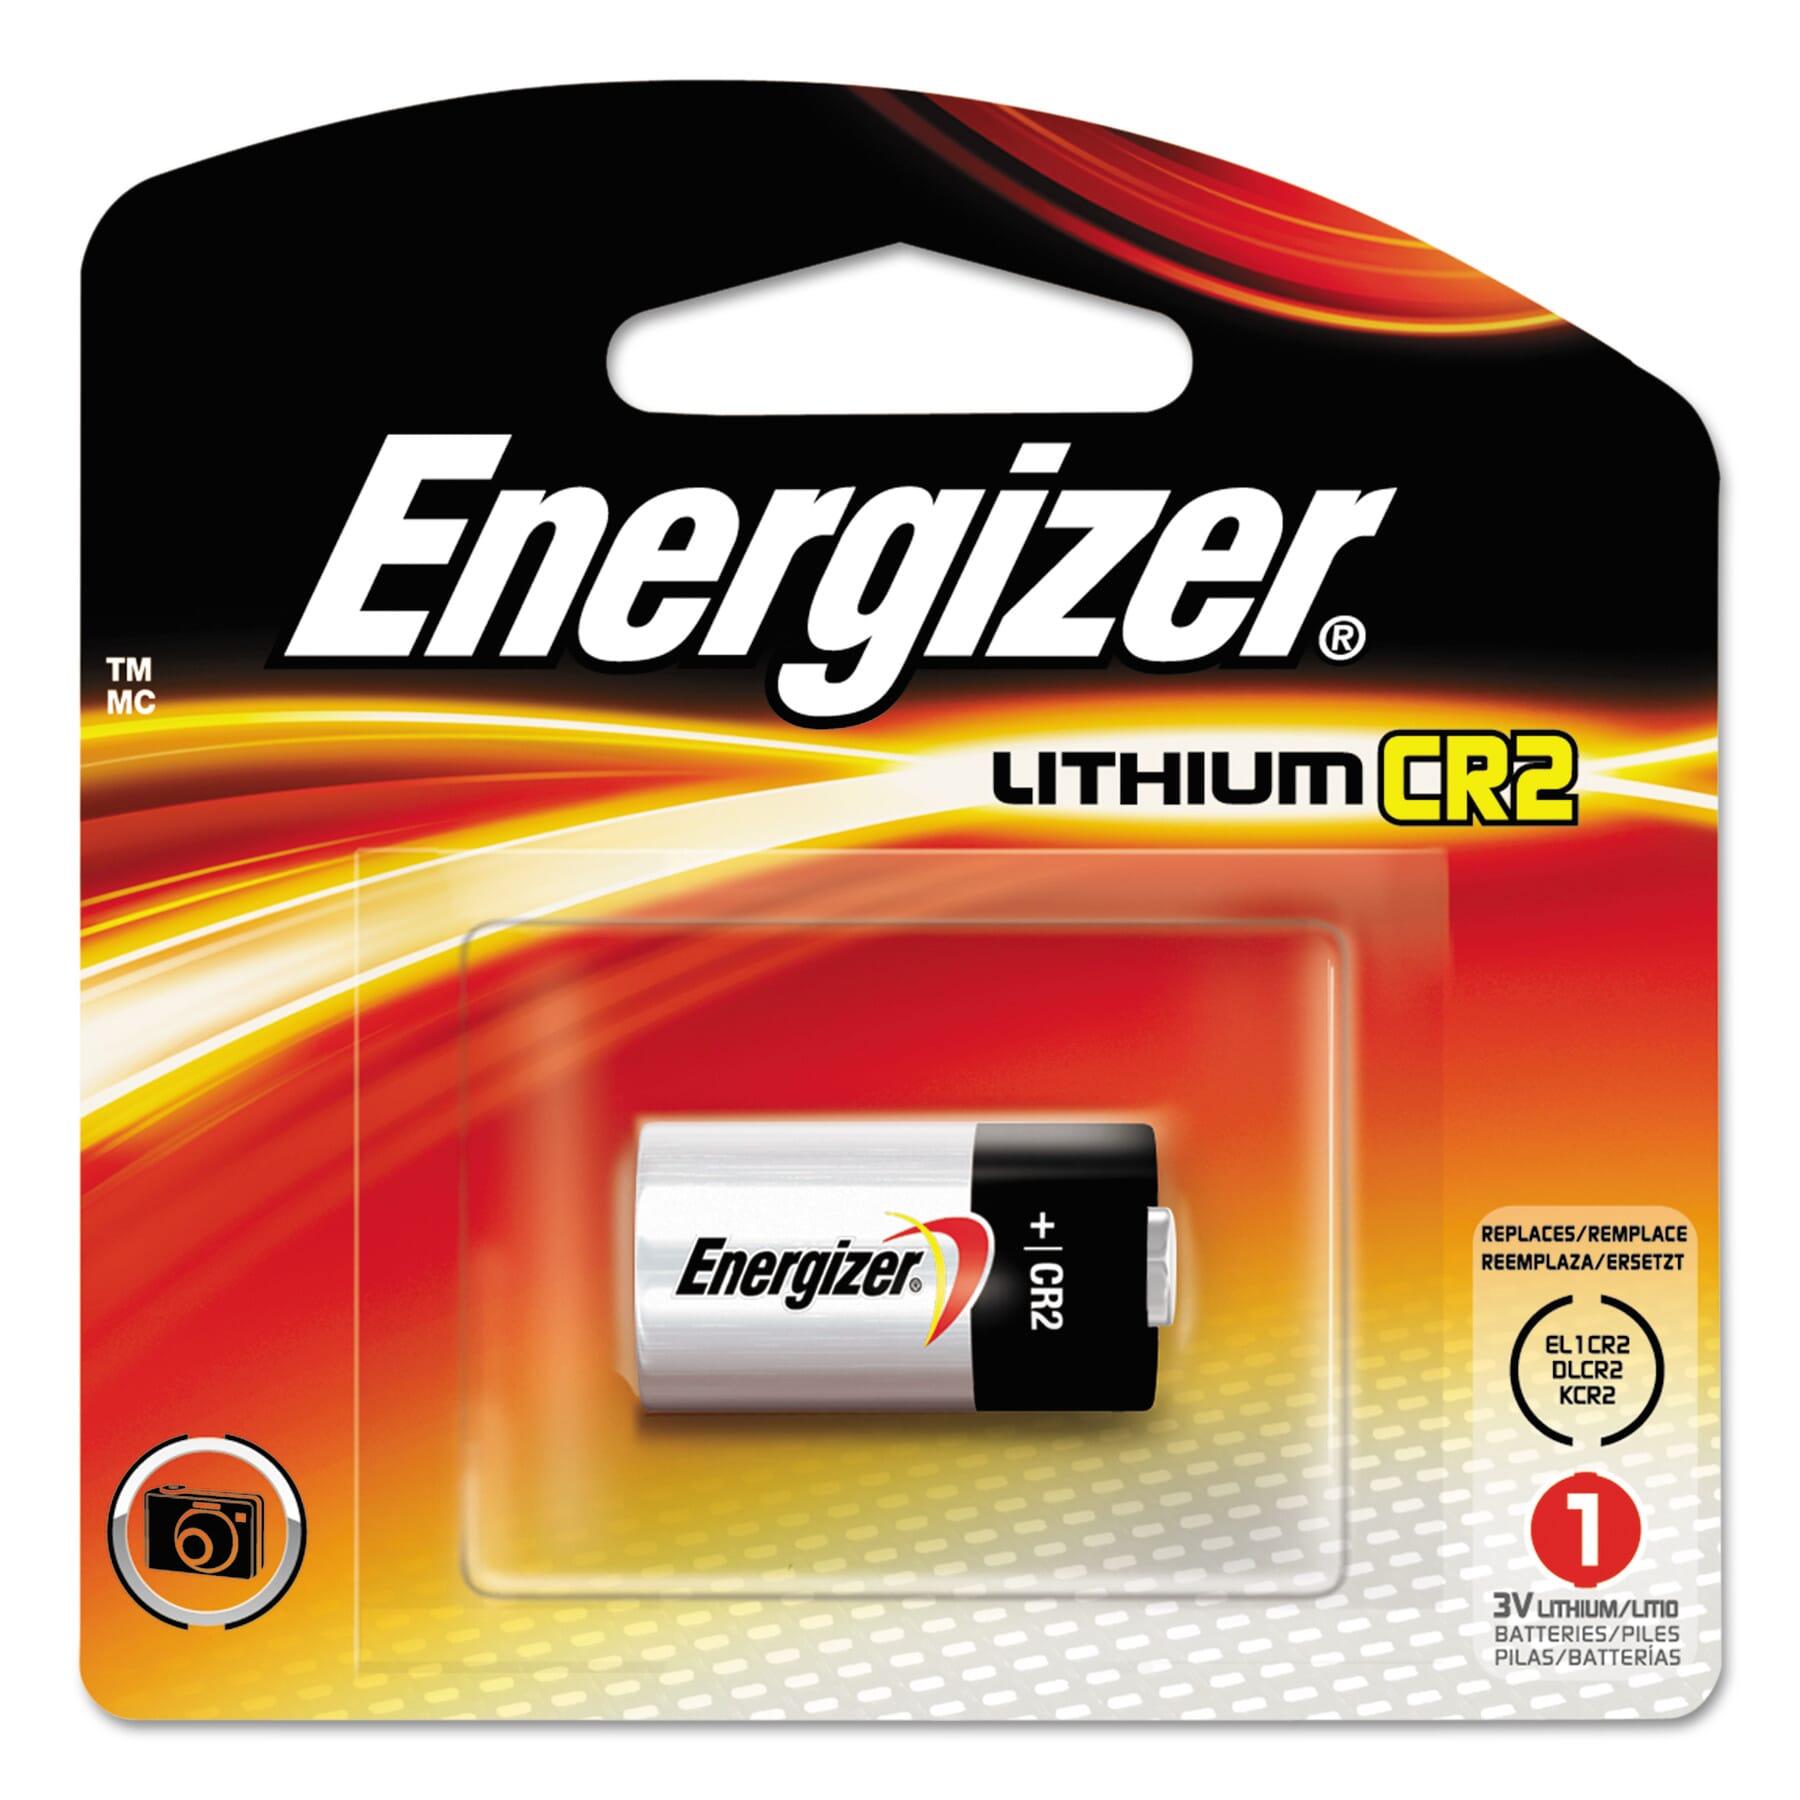 ENERGIZER CR 2 LITHIUM 3V Foto Jørgen AS